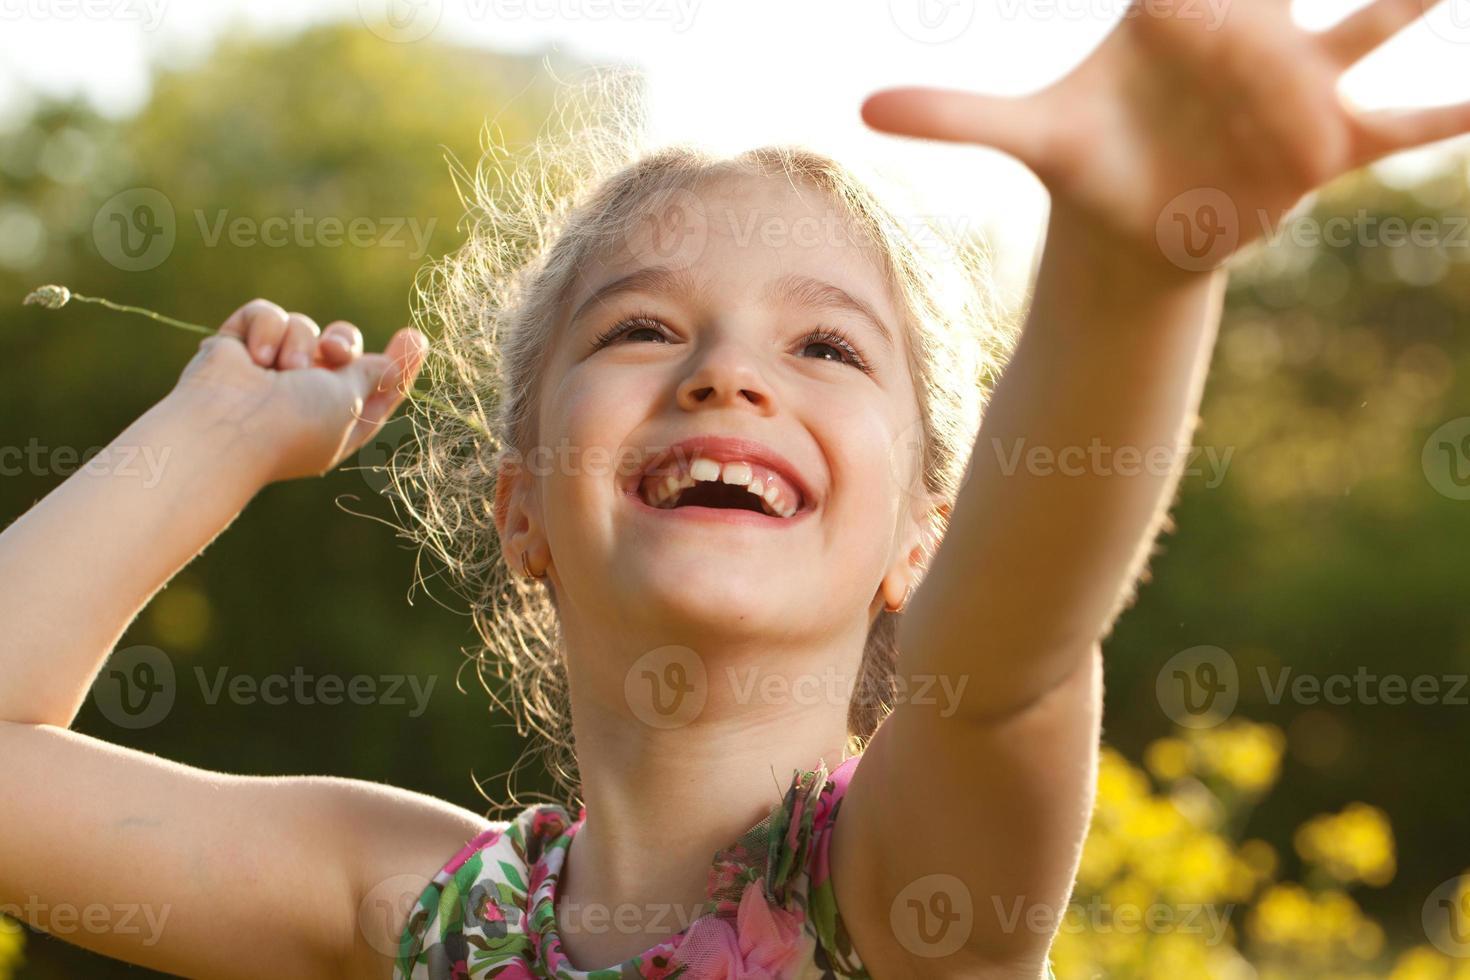 charmant vrolijk meisje foto